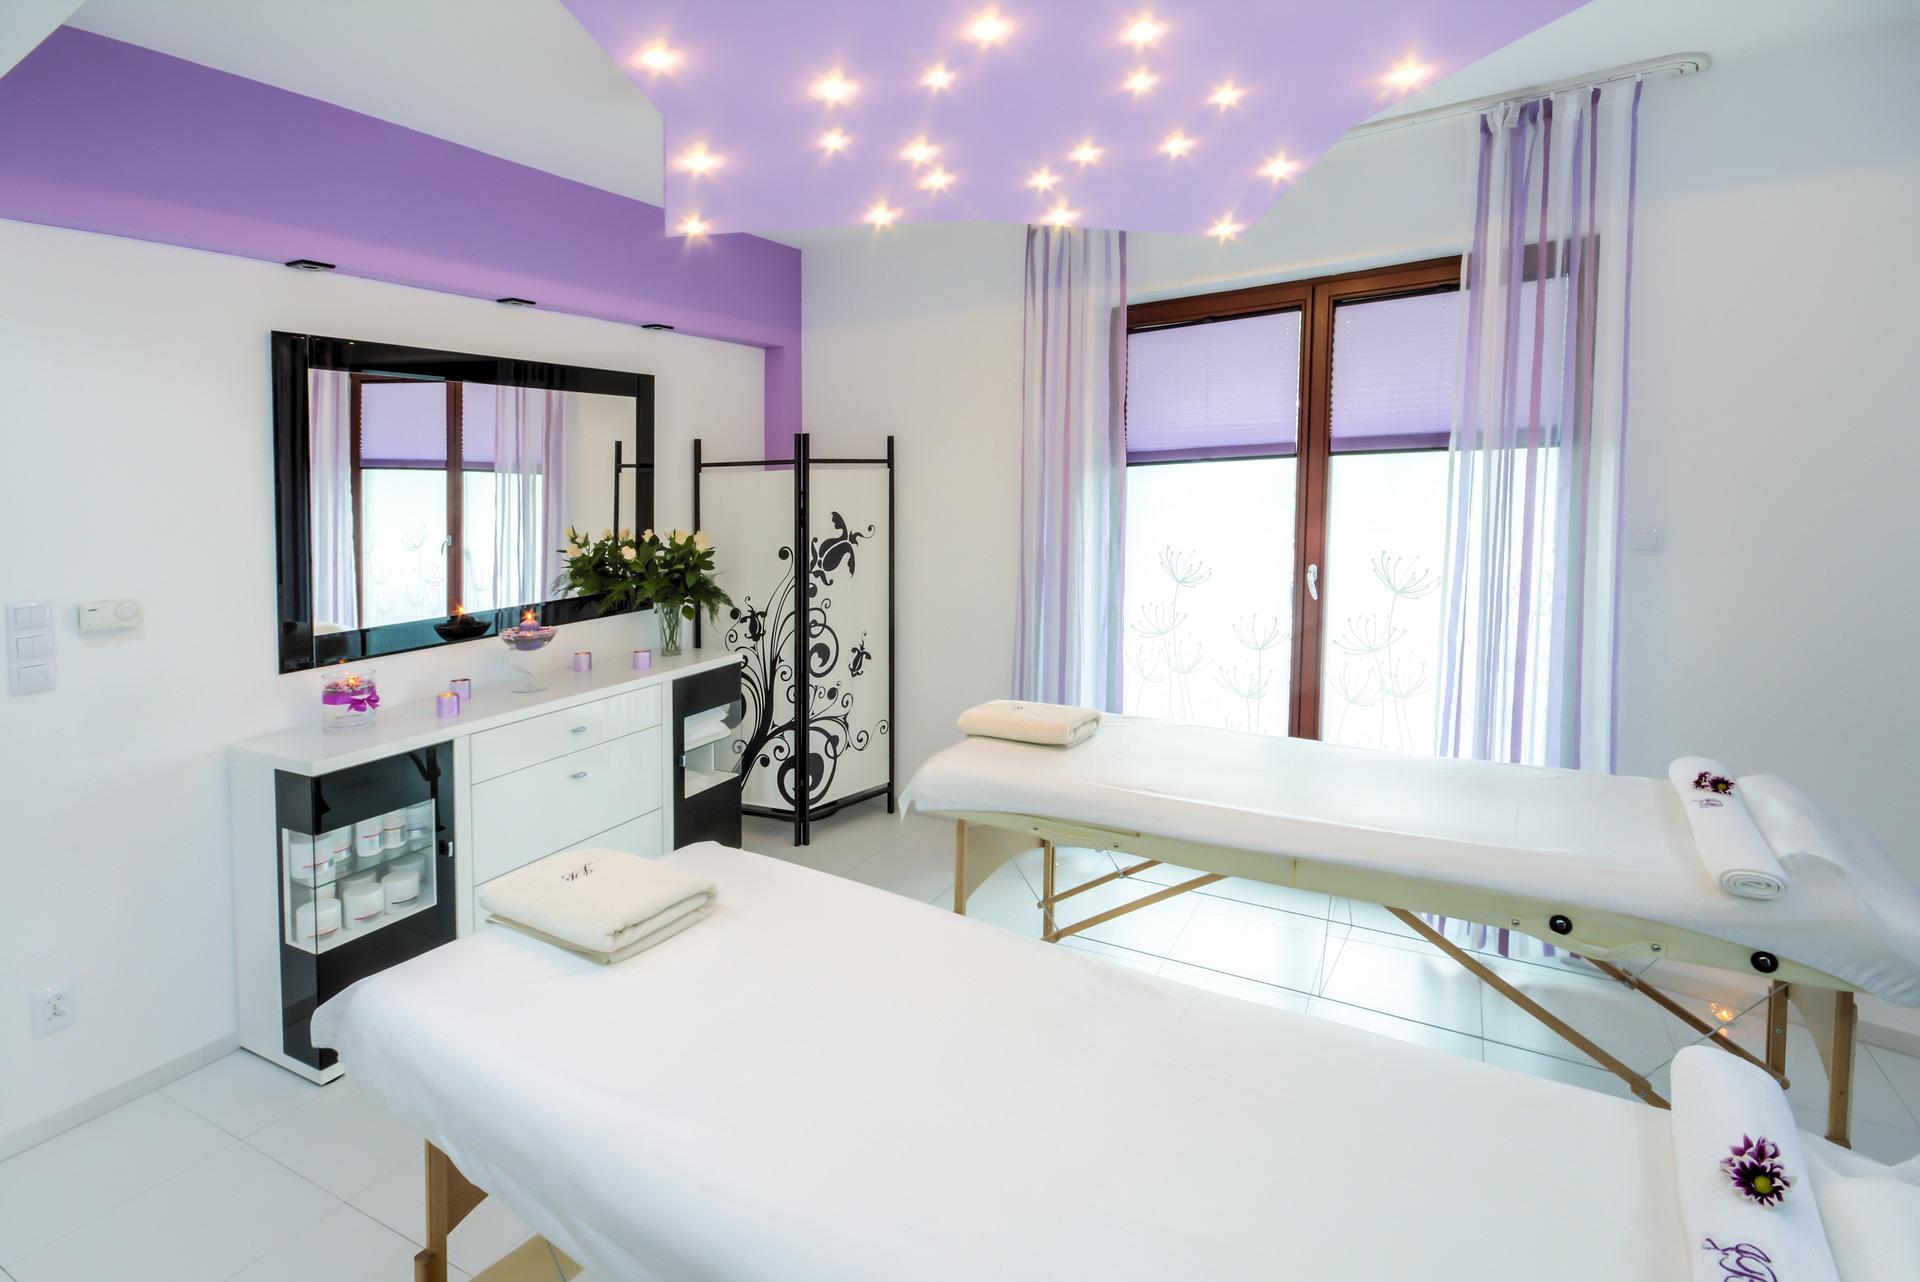 Baka Clinic